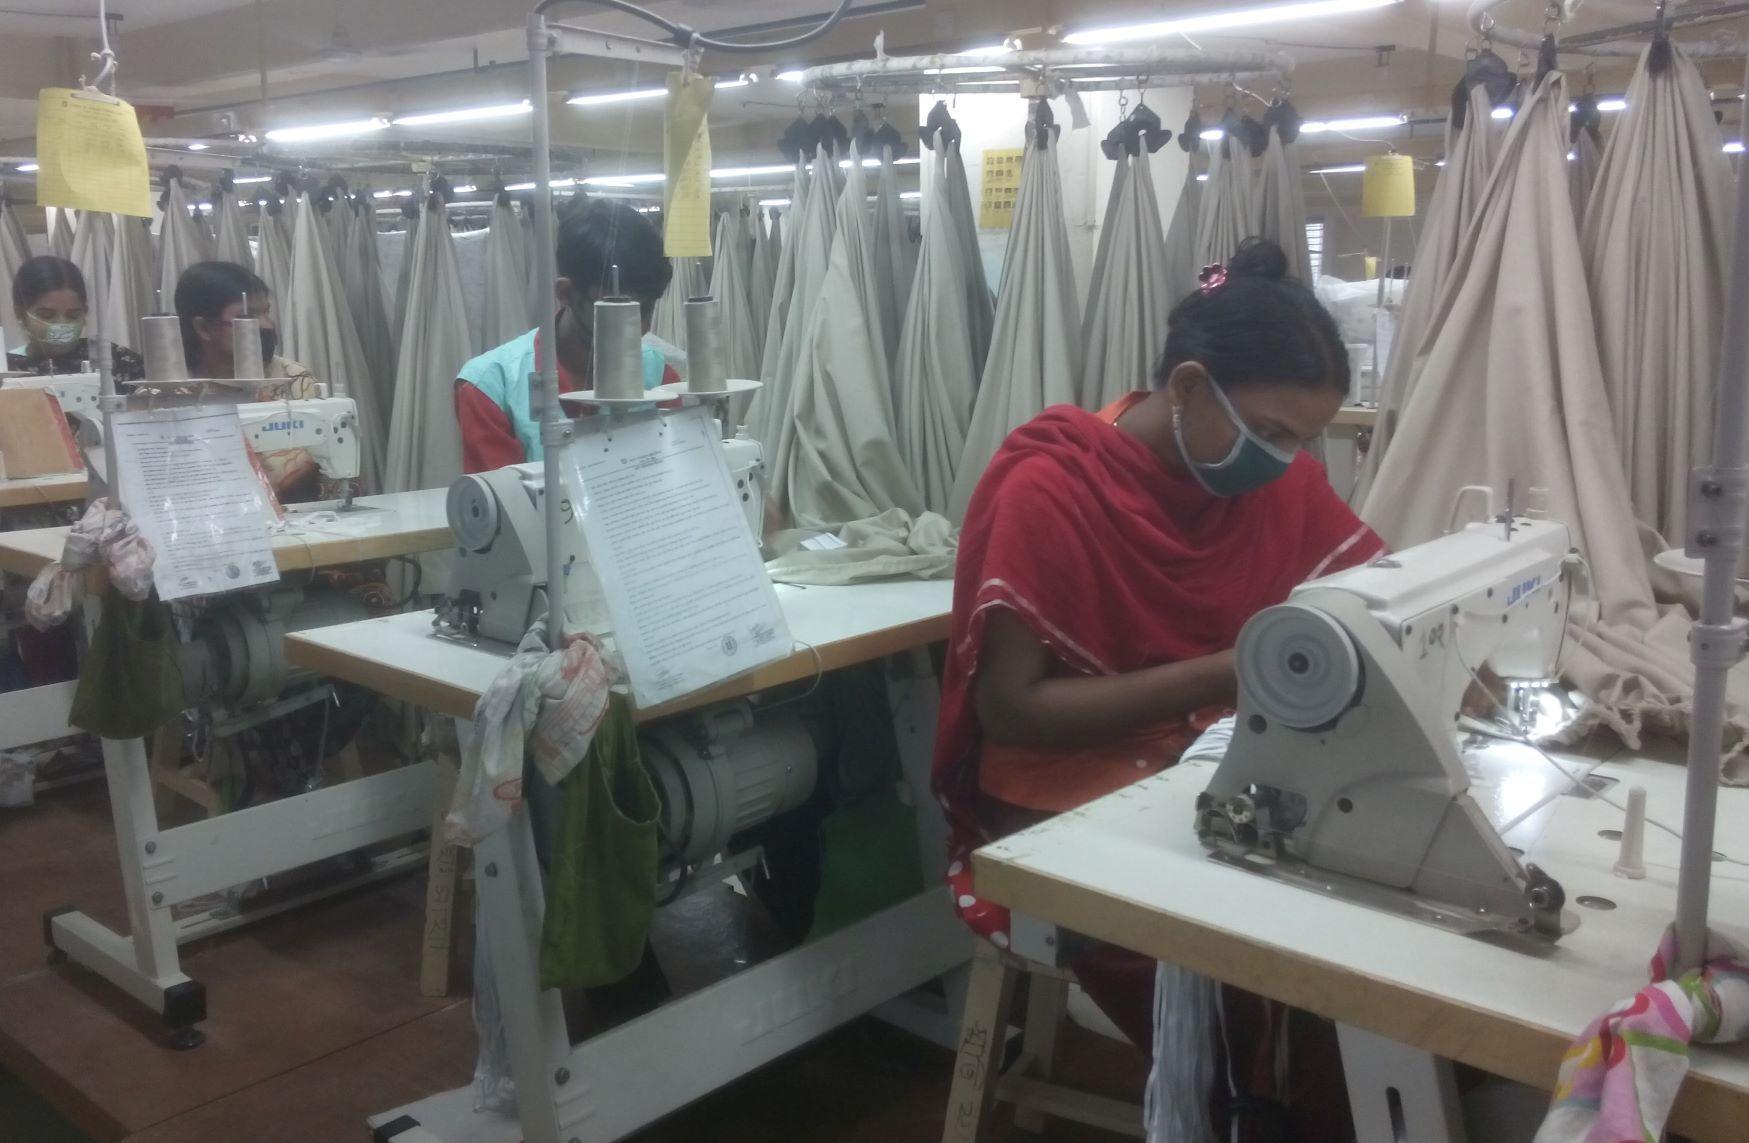 Arbeiterinnen an Nähmaschinen in einer Textilfabrik